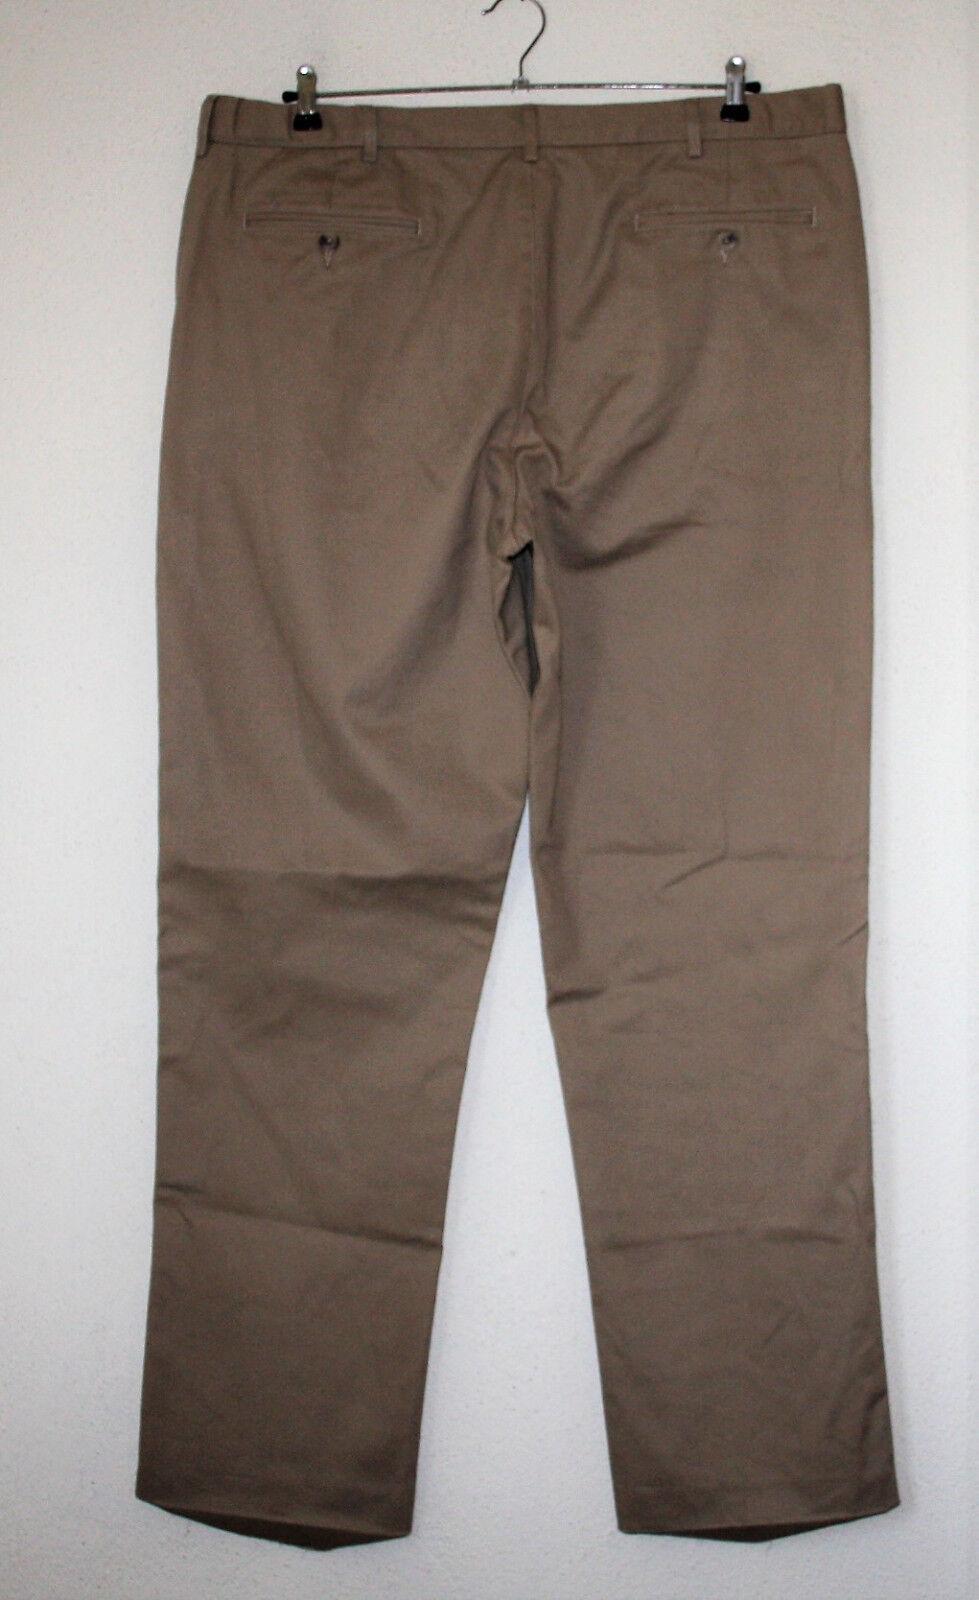 Hose in Größe 56 von von von LAND´S END | Ein Gleichgewicht zwischen Zähigkeit und Härte  | Moderne und elegante Mode  | Leicht zu reinigende Oberfläche  | Speichern  | Genial  f7d85a